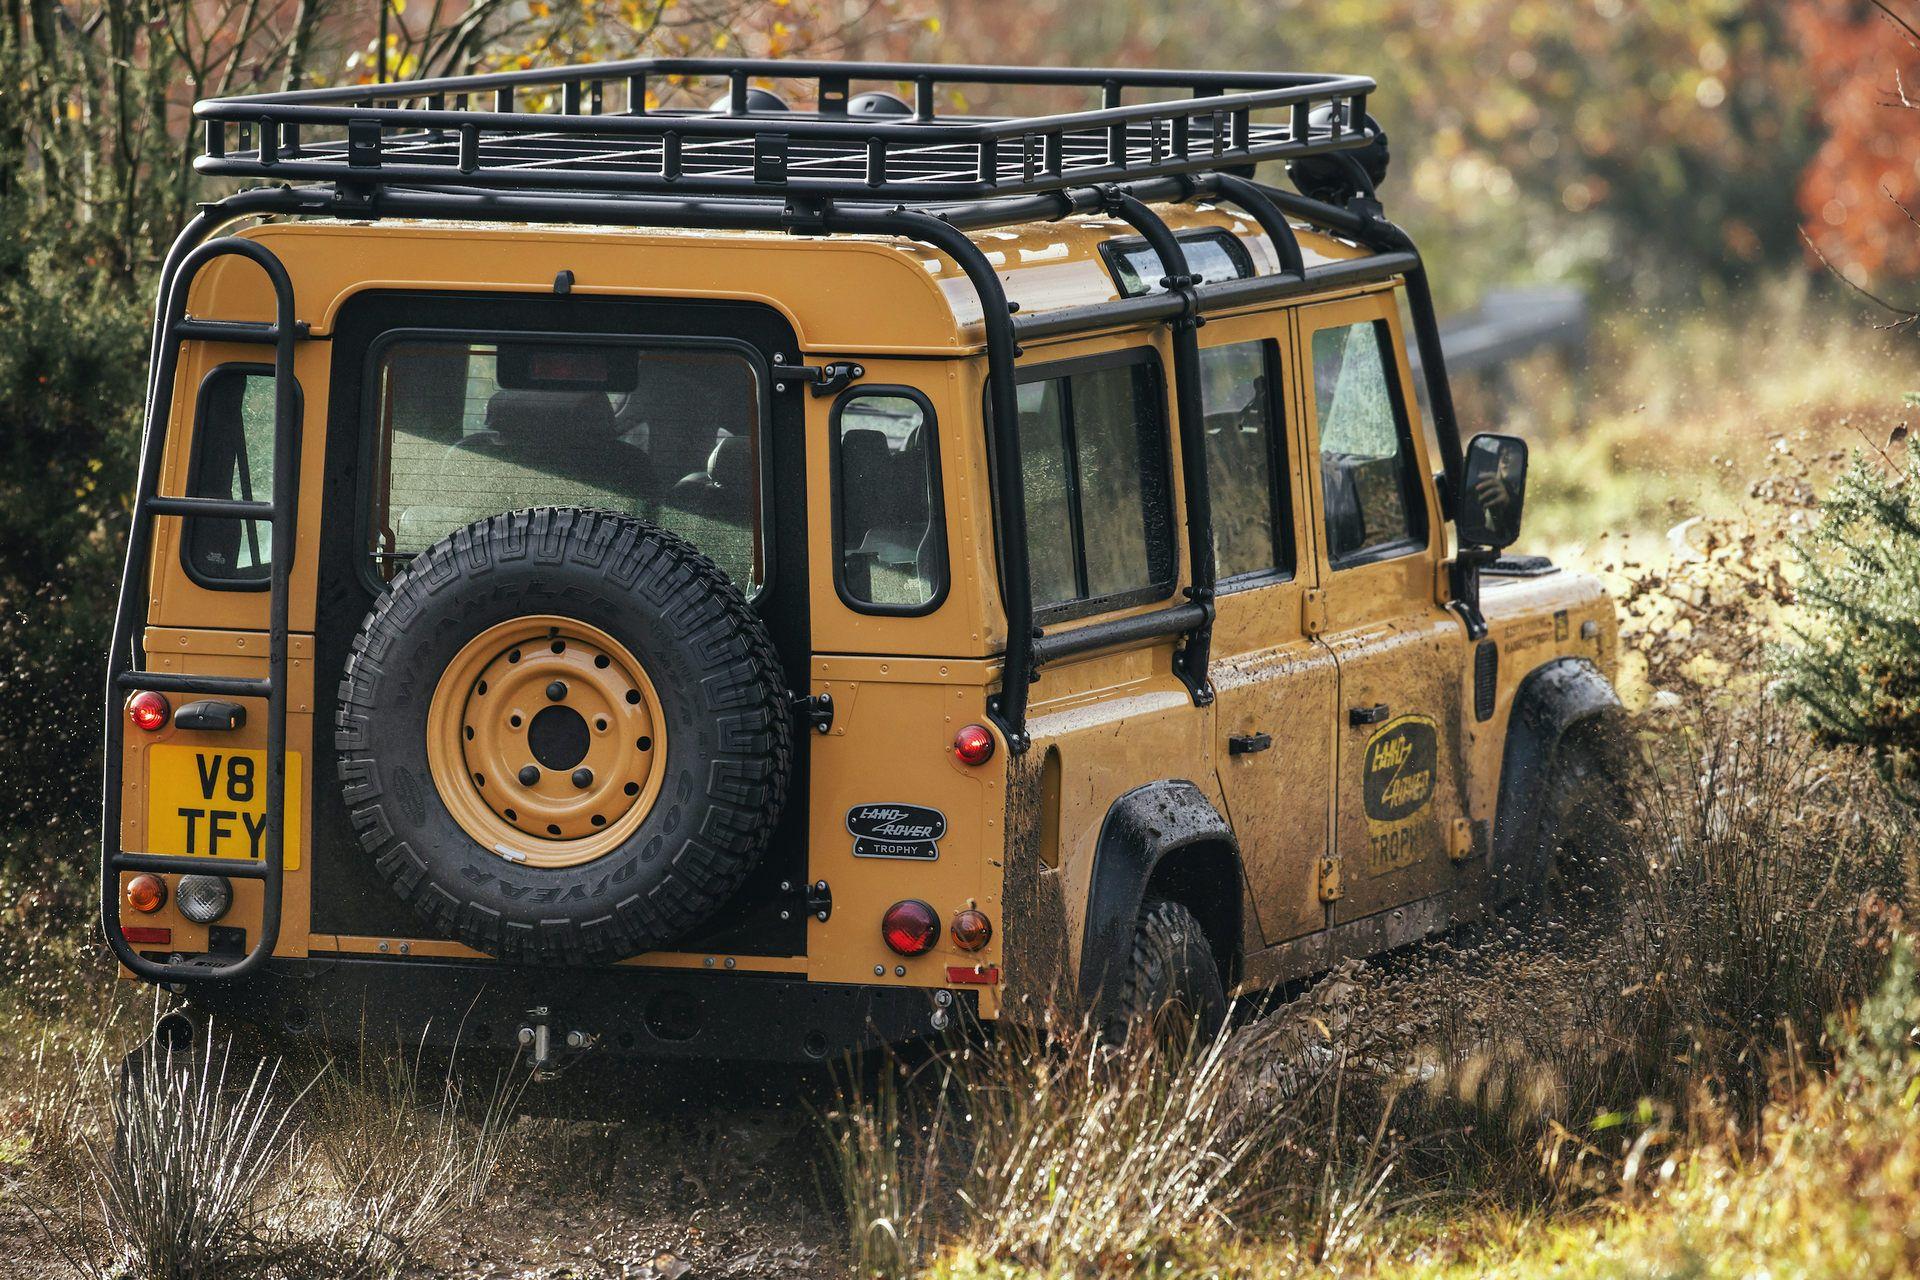 Land-Rover-Defender-Works-V8-Trophy-20